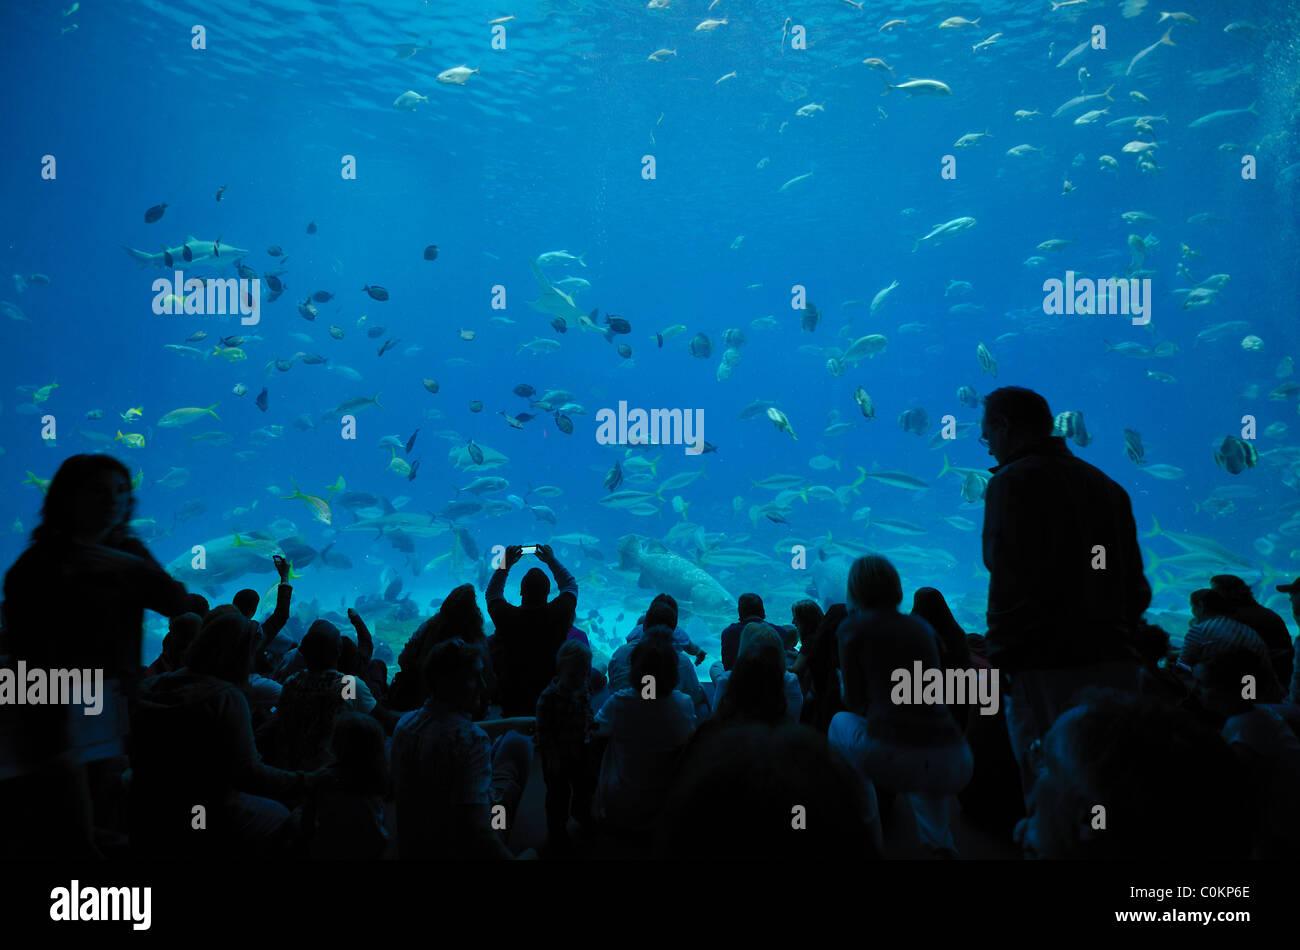 The Georgia Aquarium, the world's largest aquarium, in Atlanta, Georgia - Stock Image